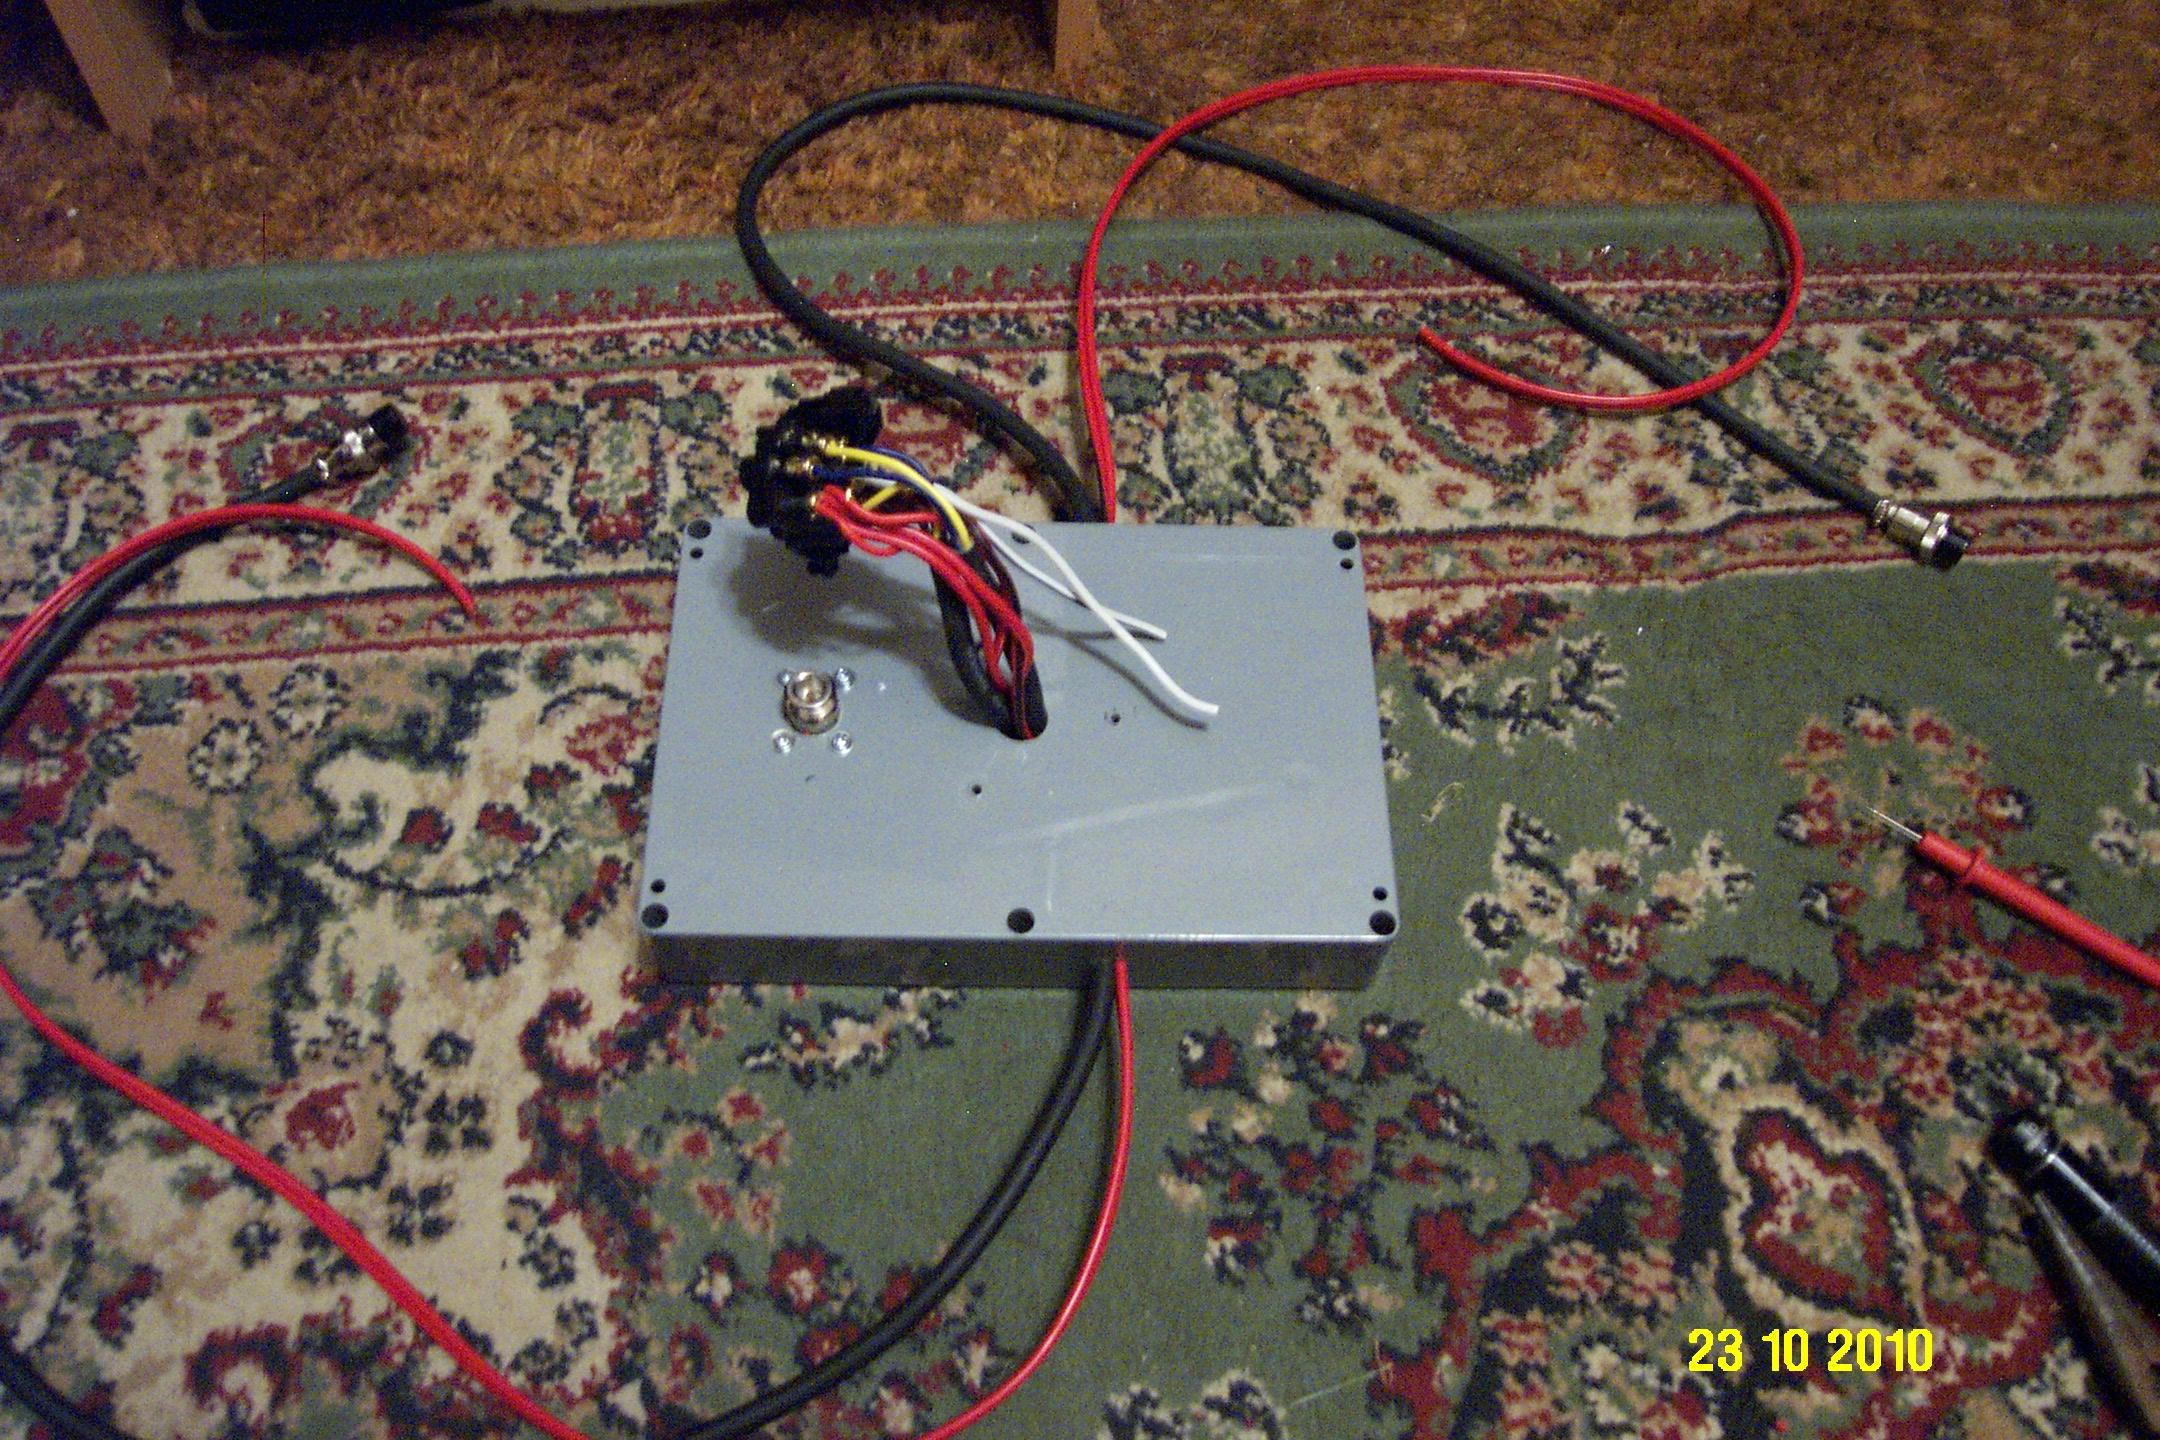 5 7 GHz Transverter